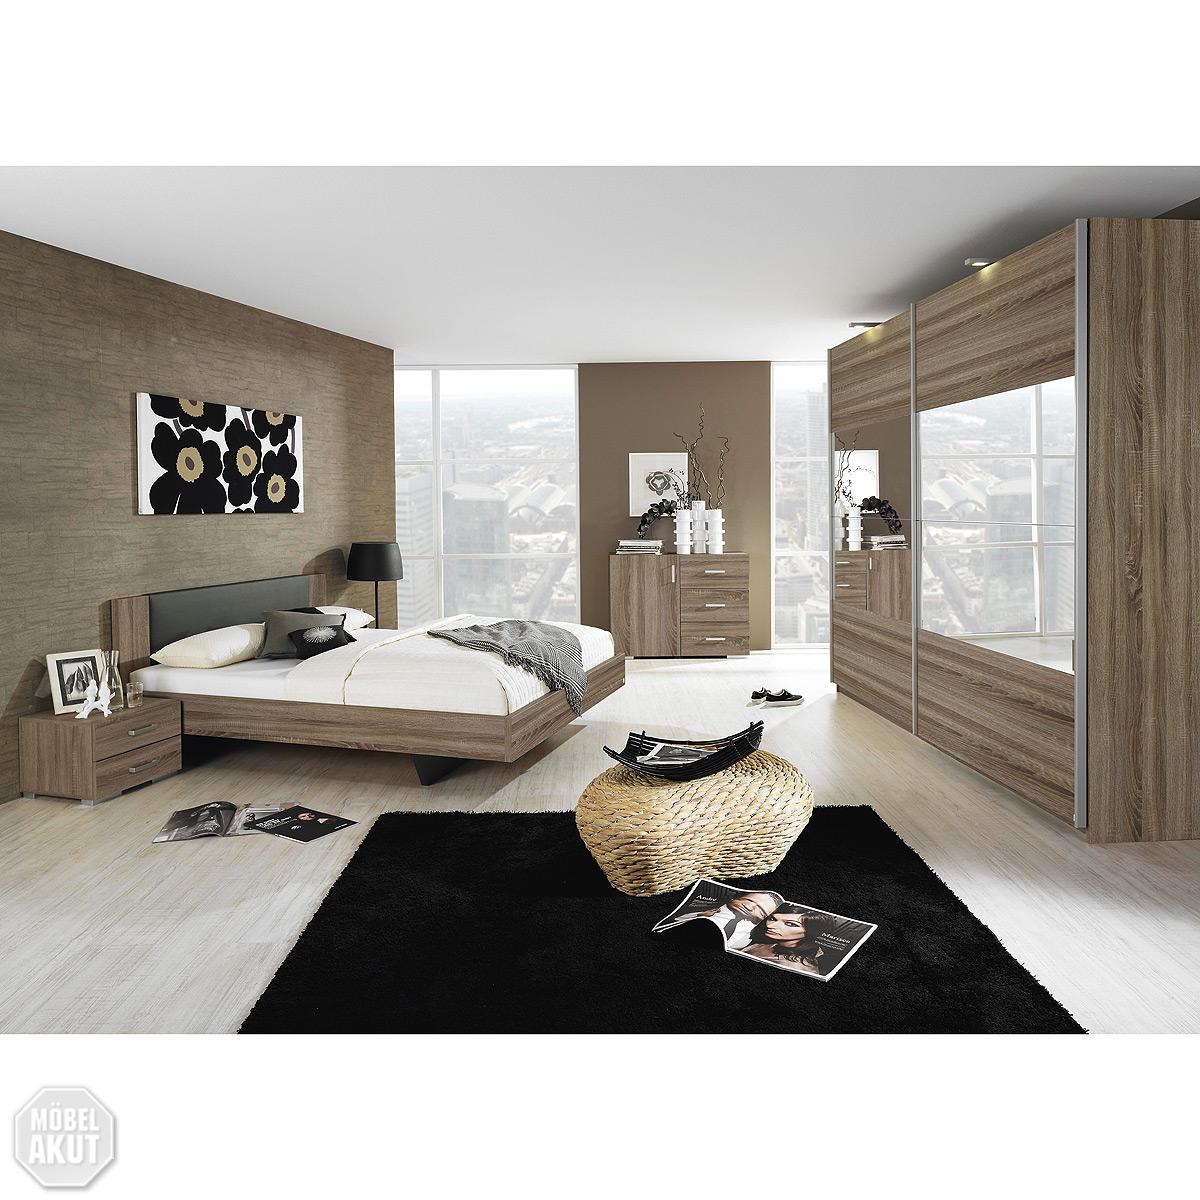 schlafzimmer set sonea bett schrank kommode eiche havanna anthrazit ebay. Black Bedroom Furniture Sets. Home Design Ideas